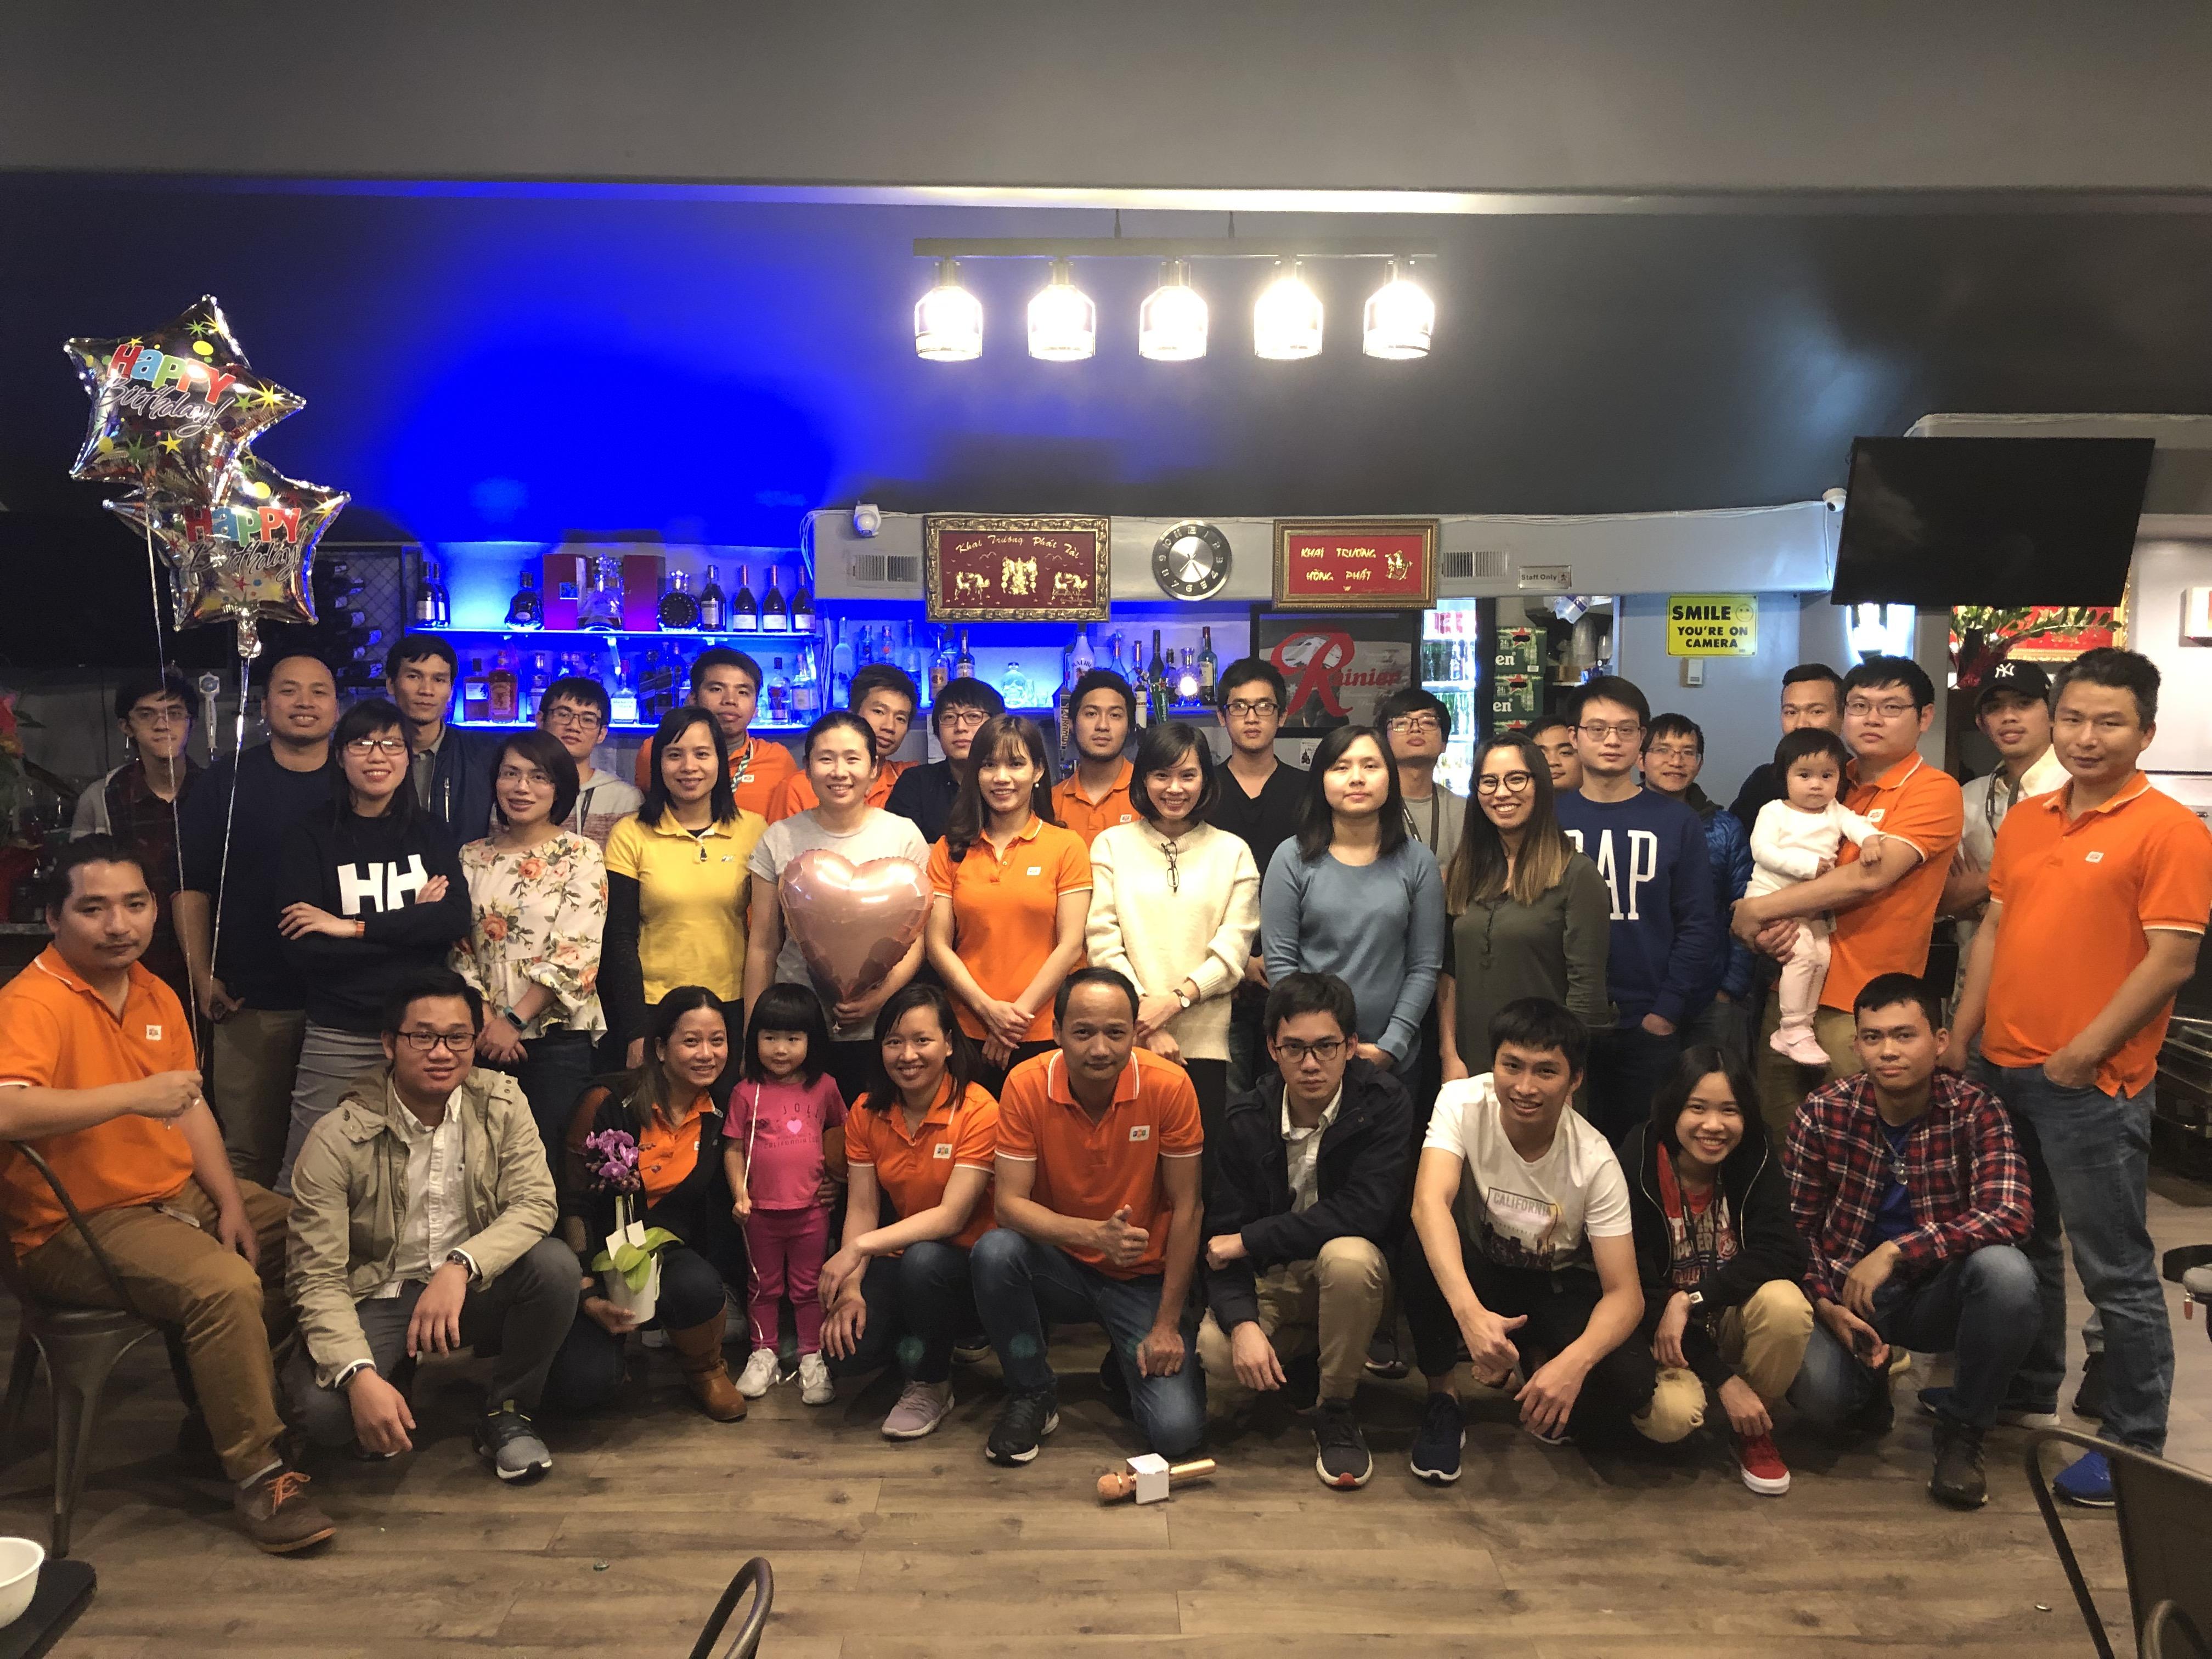 Tại Seattle, CBNV cũng tổ chức gần như cùng thời điểm.Sự kiện được tổ chức đồng thời tại các site FAM có thị trường, trong đó có một số site lớn như Dallas, Los Angeles, Denver. Ngoài ra, FAM tổ chức sinh nhật cho CBNV tại Canada và Việt Nam.